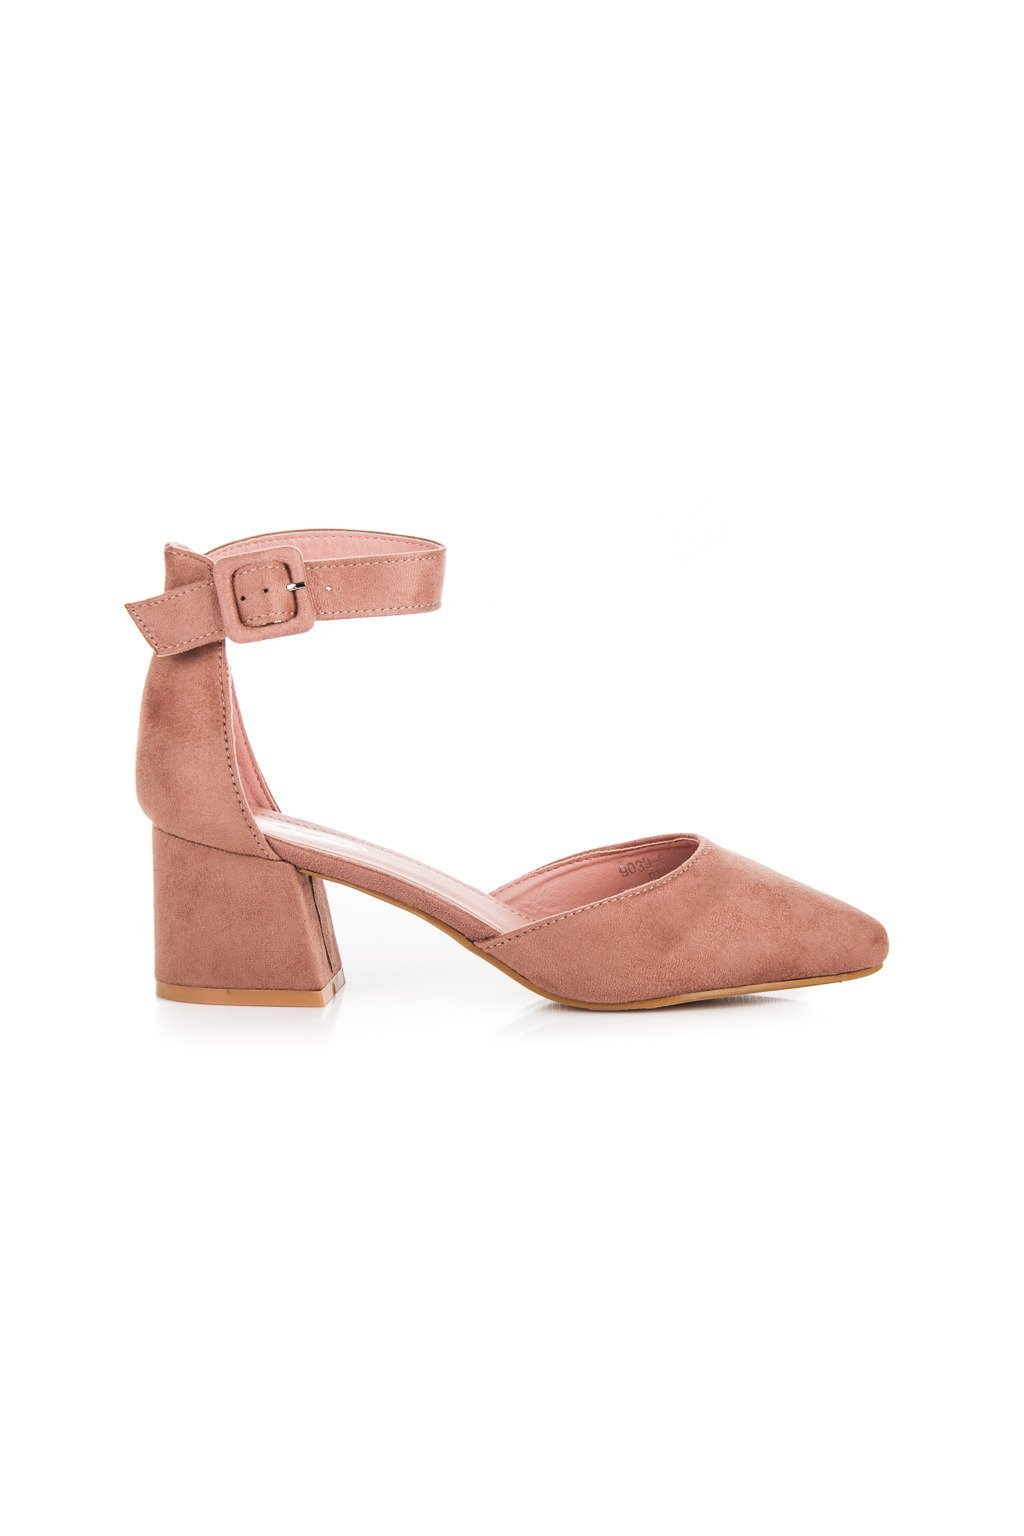 90f7a1222abf Sandále